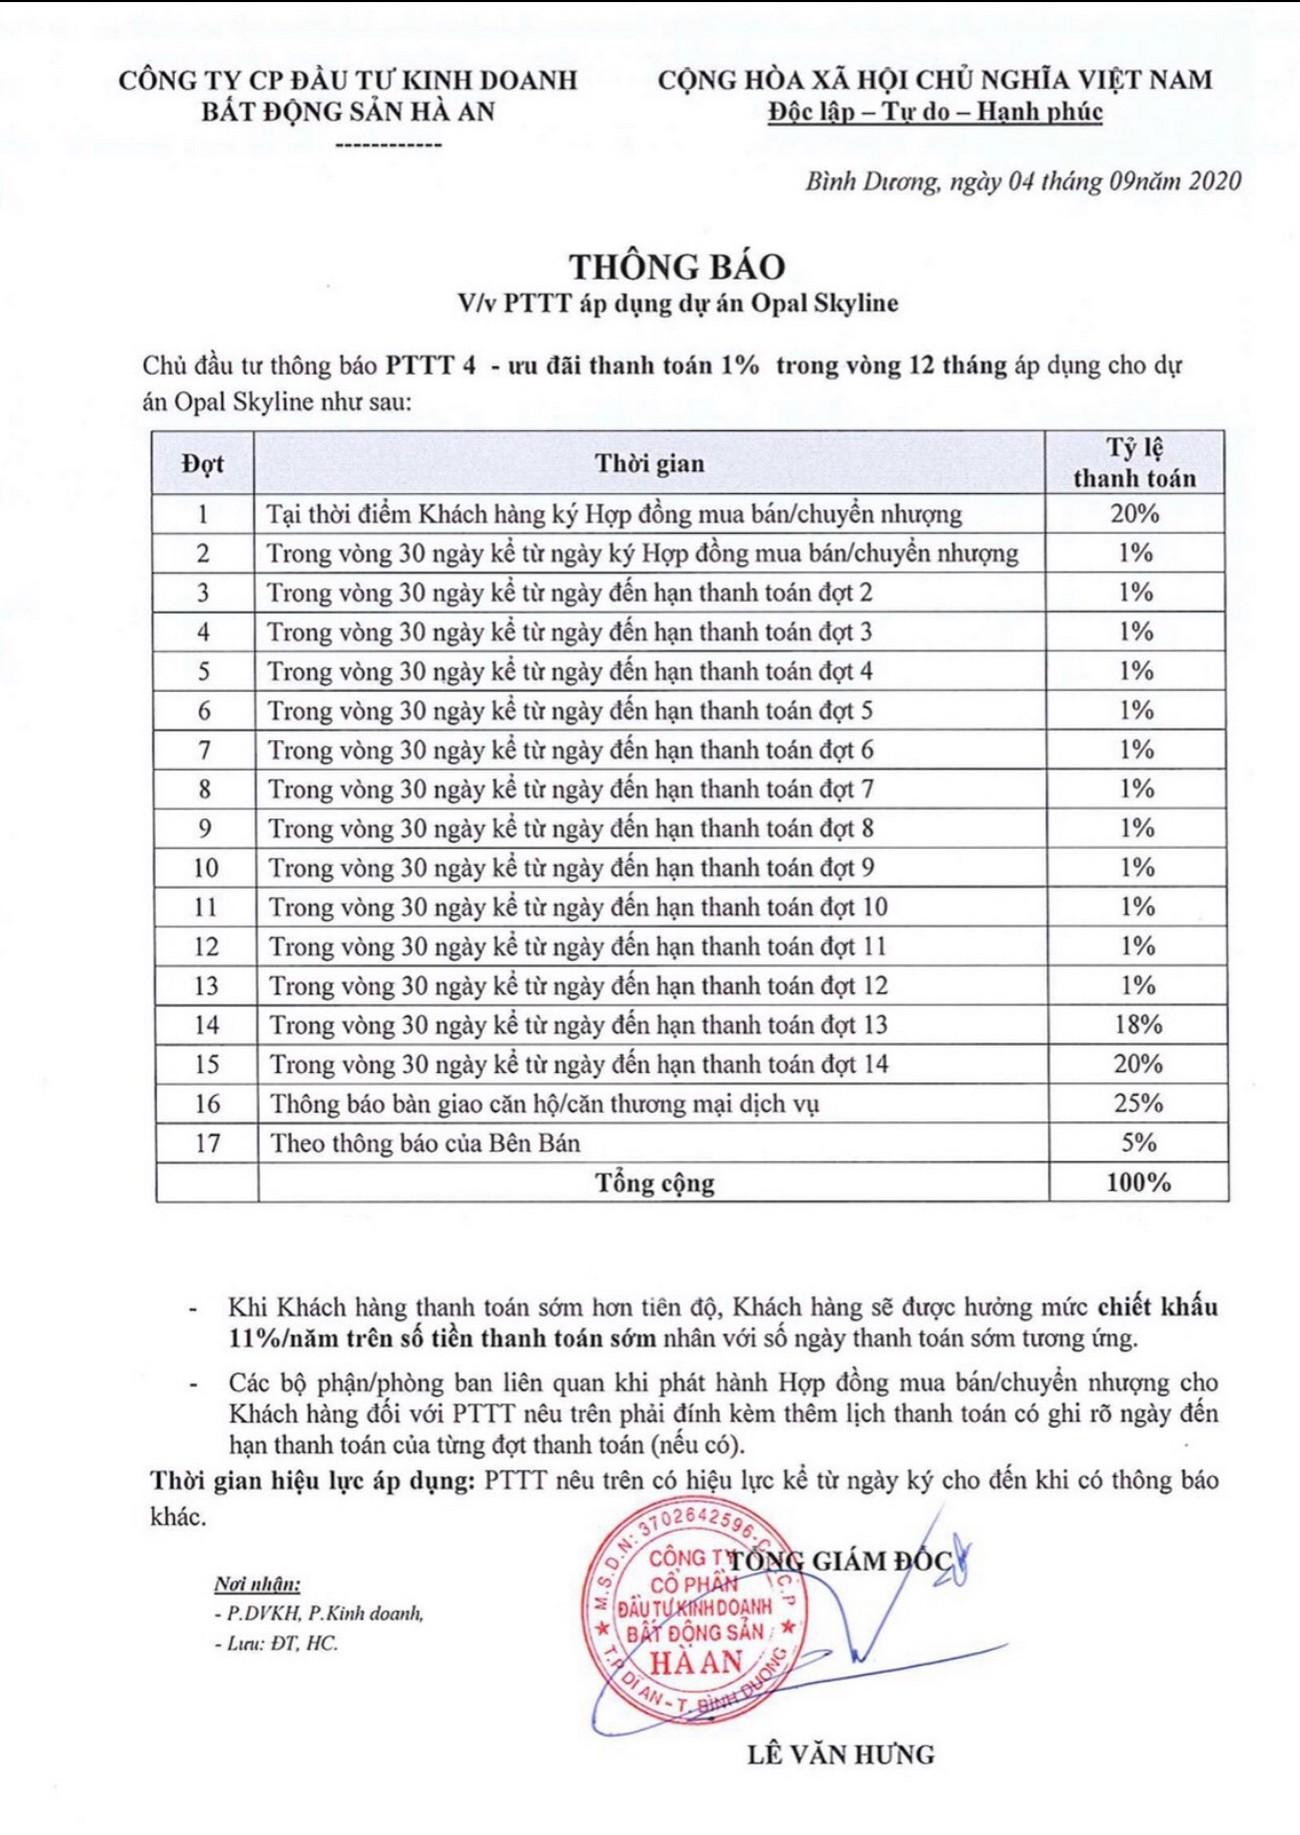 Phương thức thanh toán dự án Opal SkyLine Bình Dương